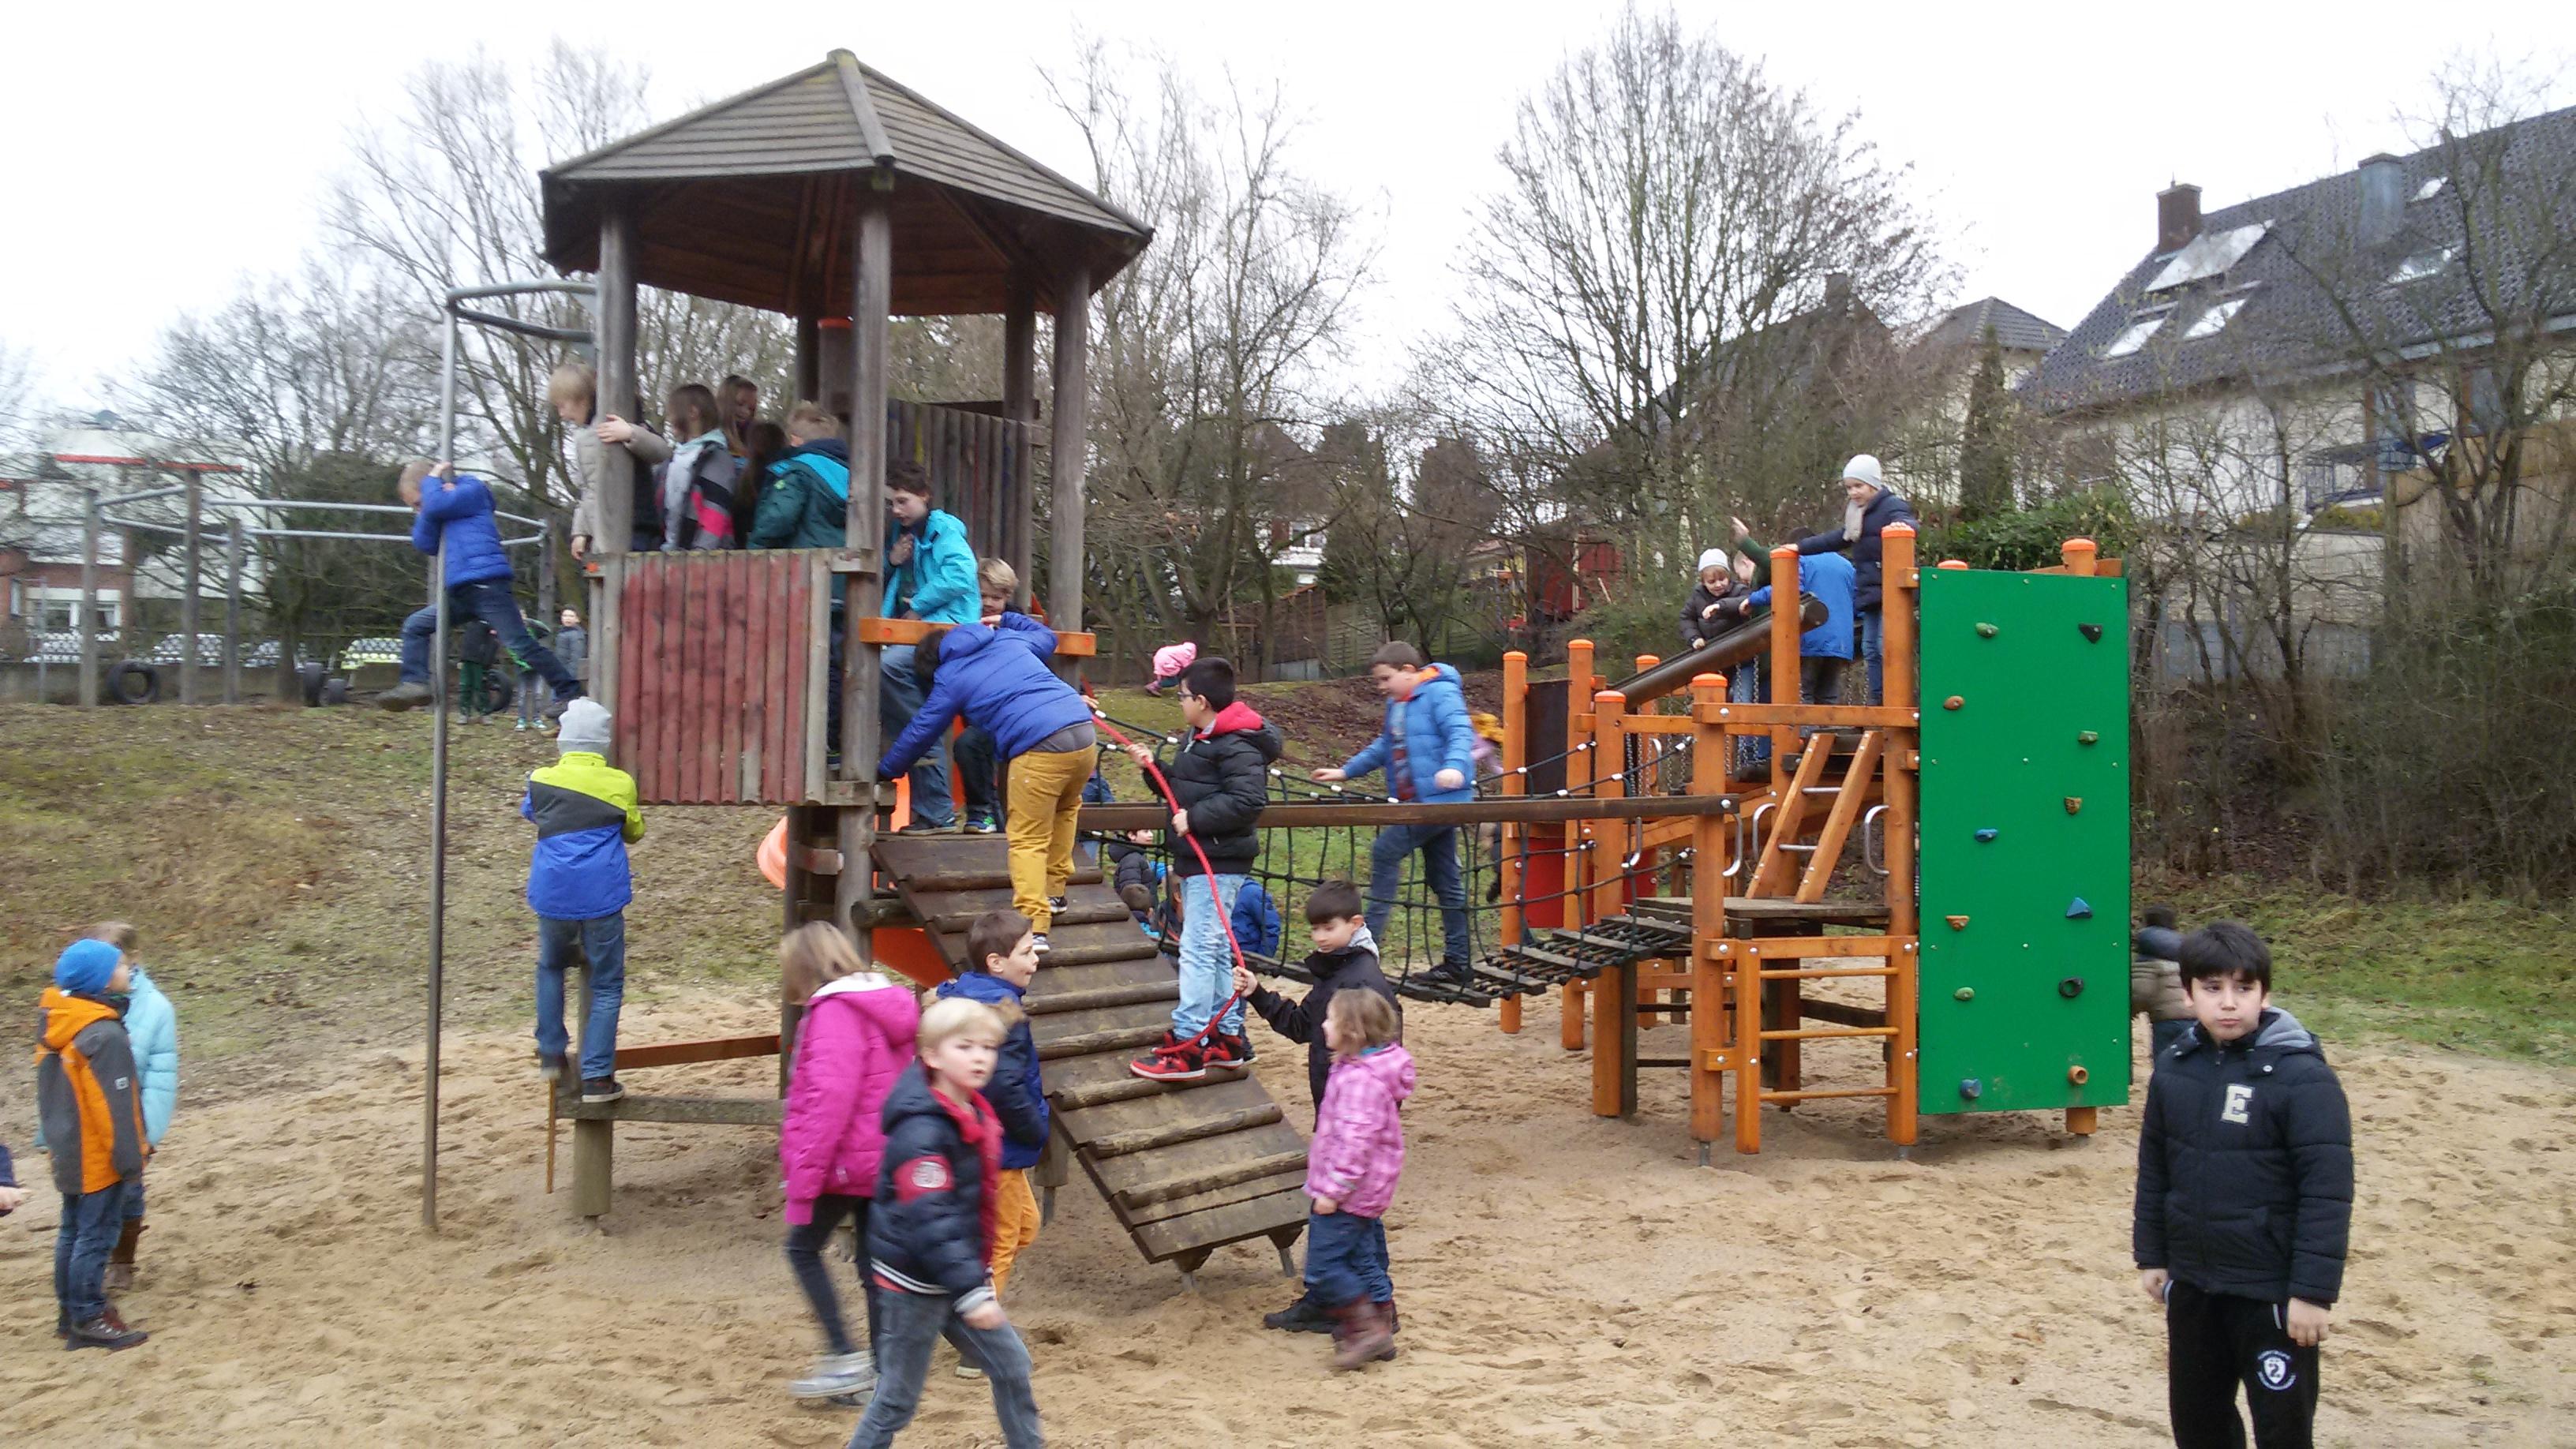 Klettergerüst Für Kinder : Bewegung für waldbröls kinder waldbröler bürger stiften mit hilfe